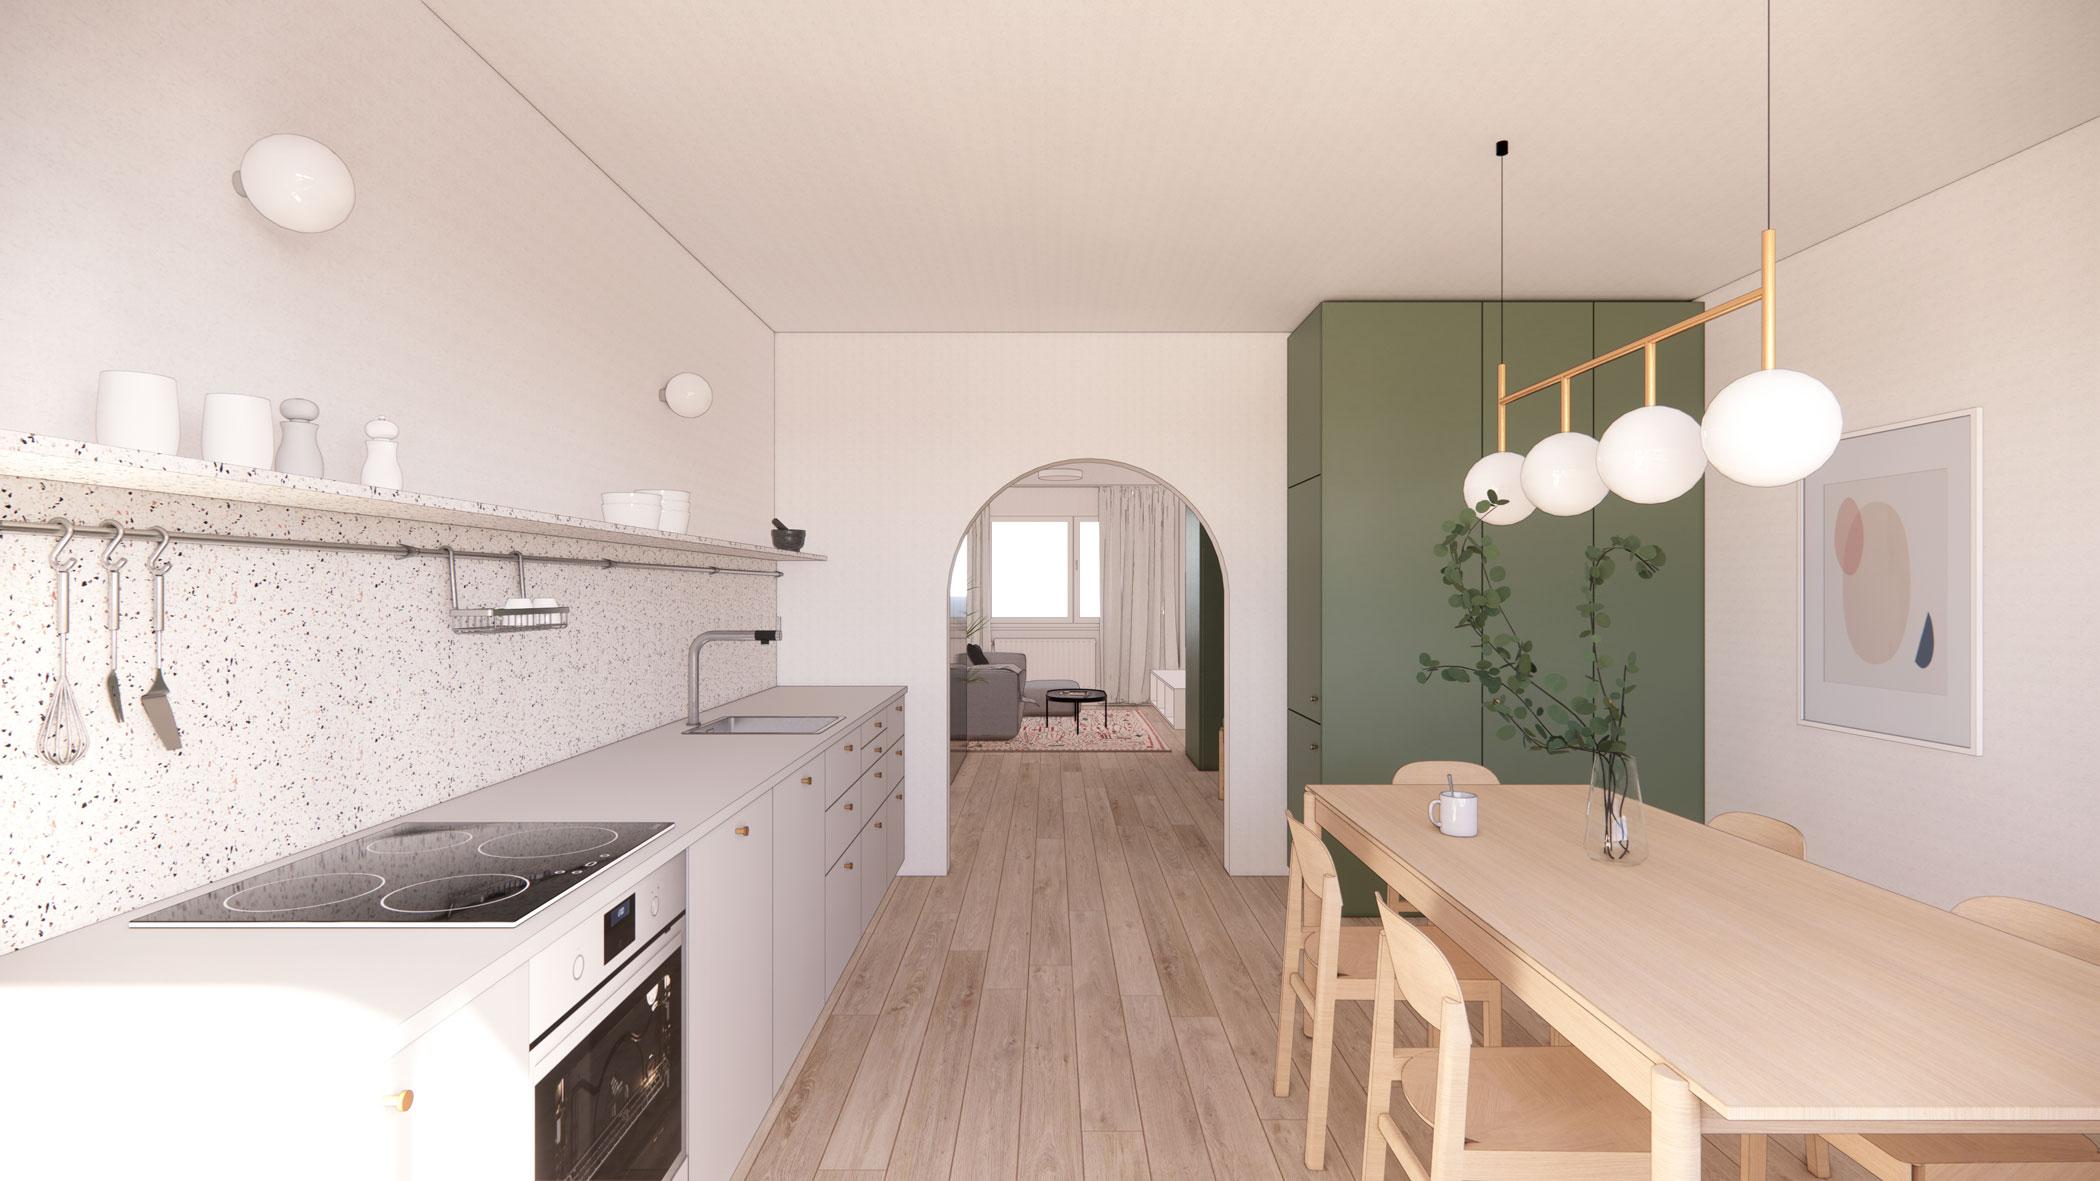 noiz-architekti-interier-byt-pifflova-04